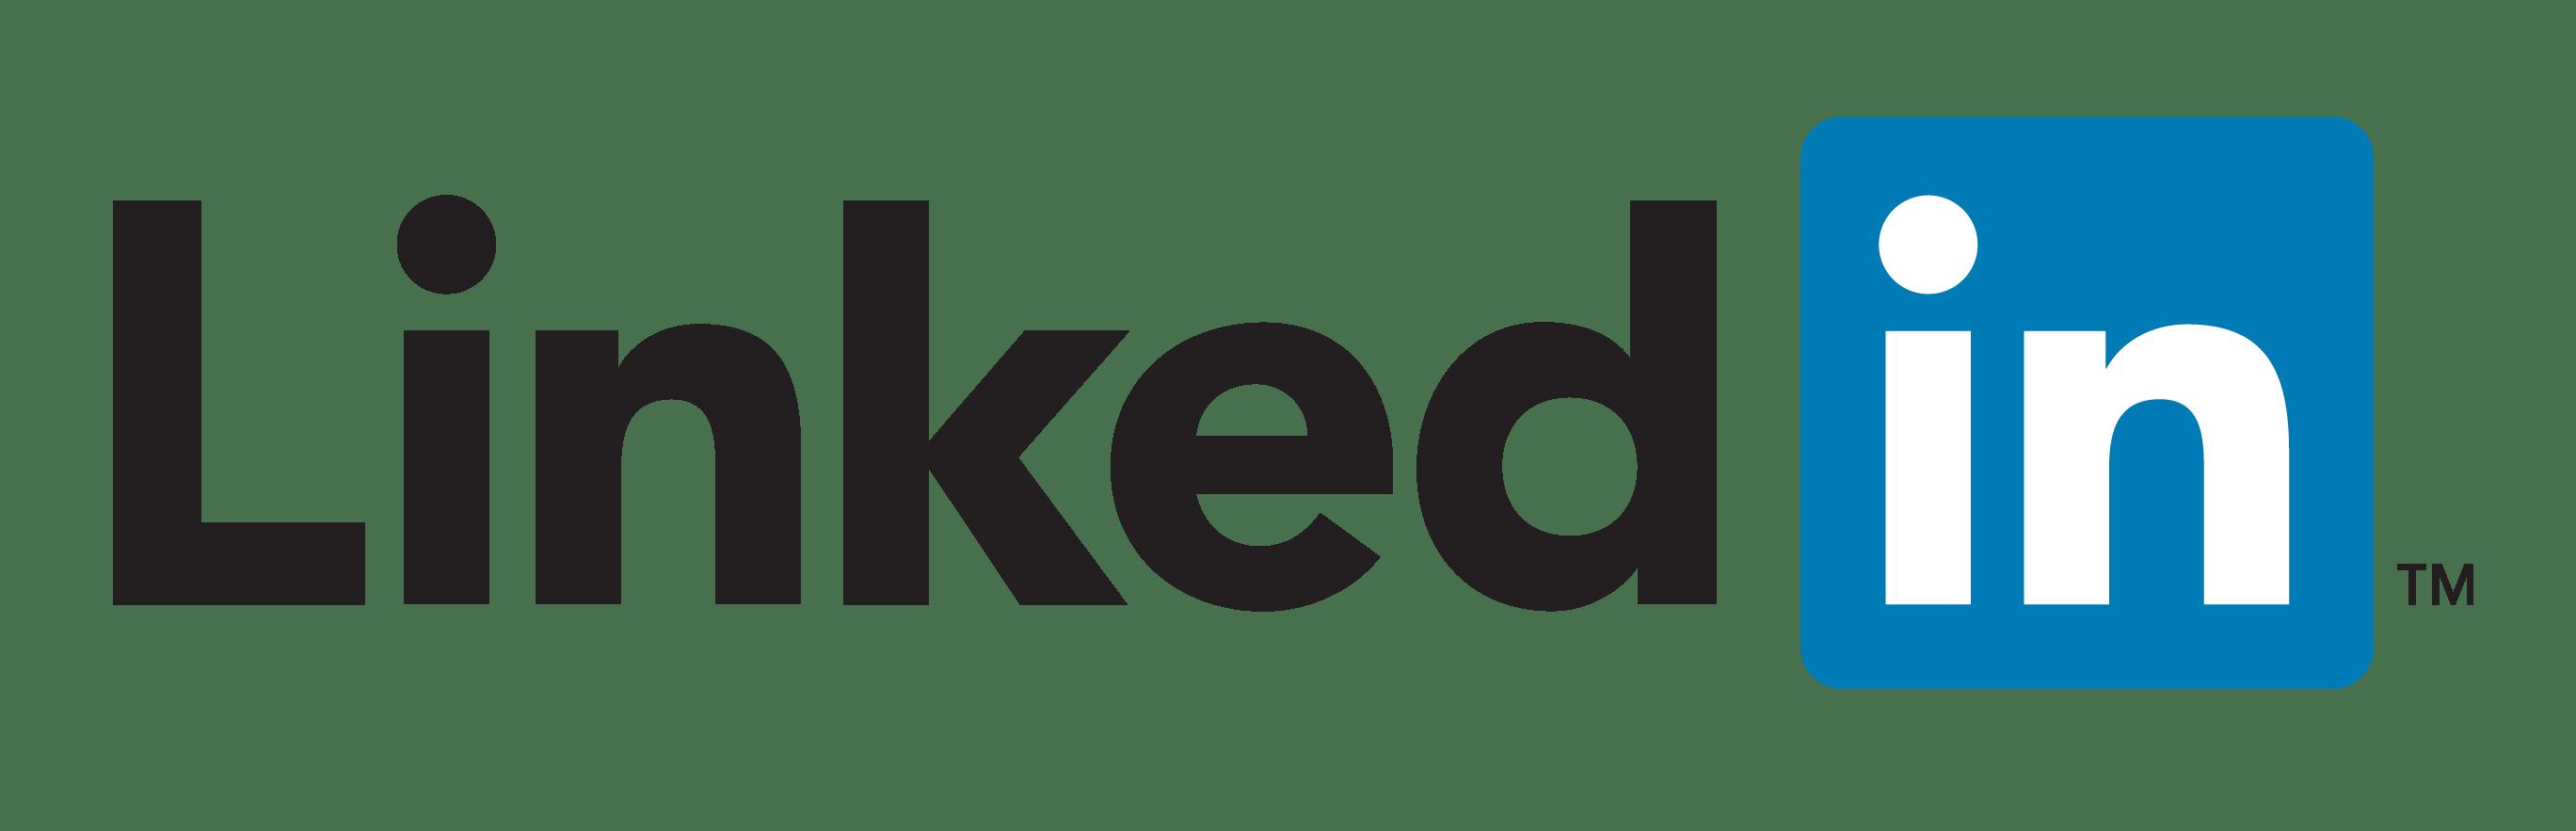 Generare lead B2B usando LinkedIn a Pesaro